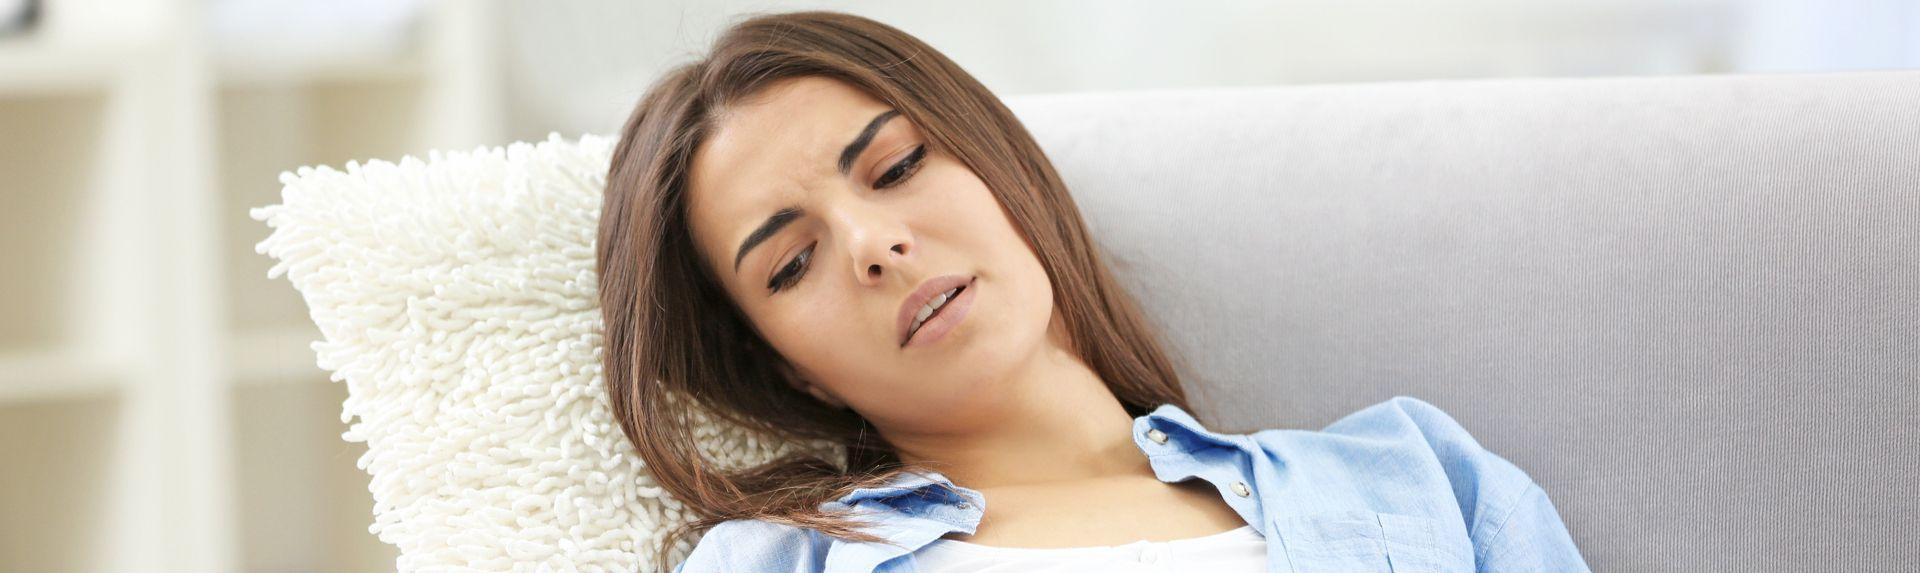 Все, что нужно знать об эндометриозе